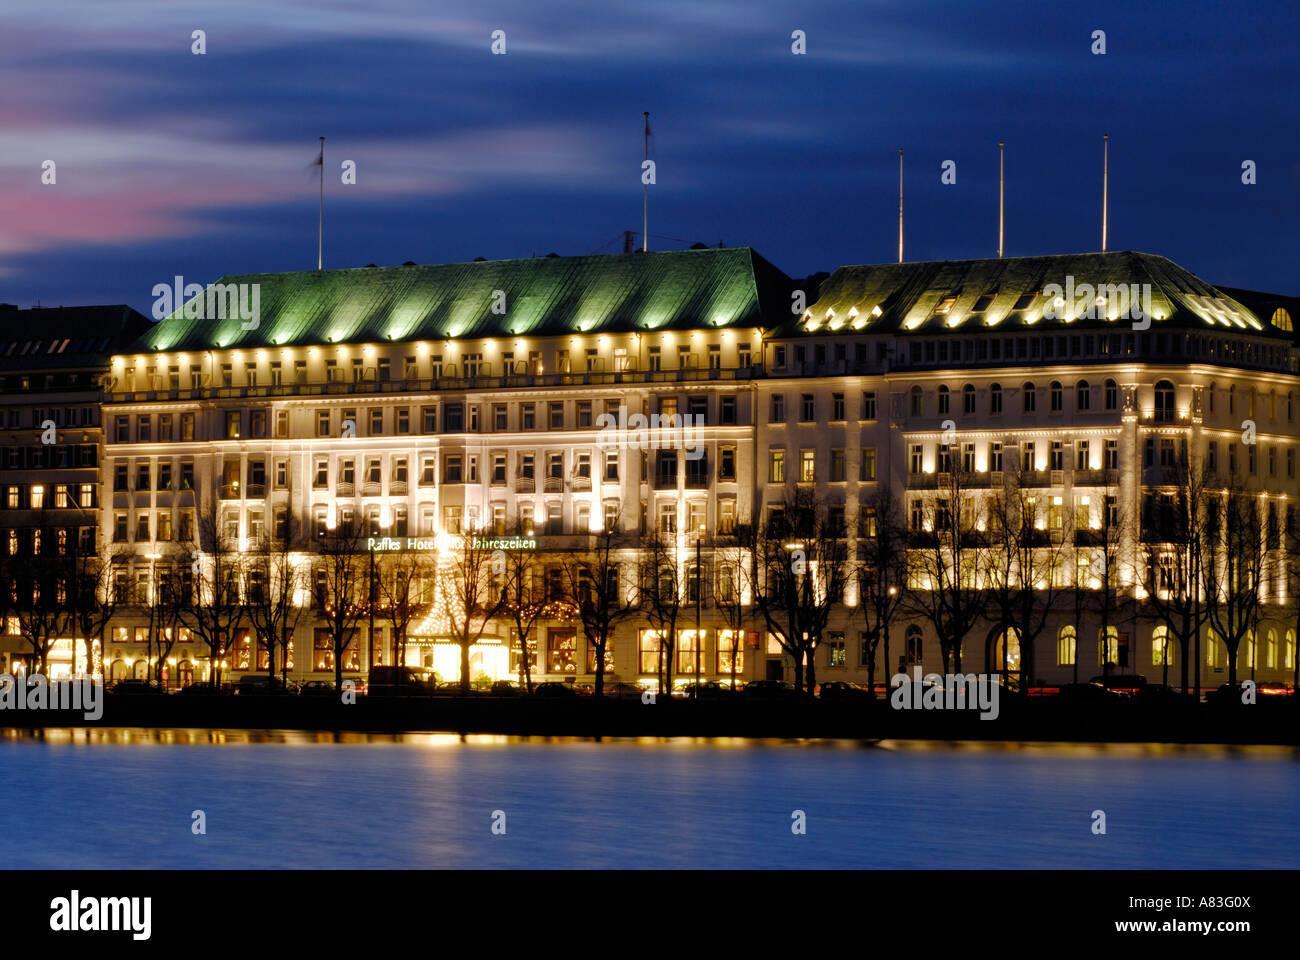 Das Hotel Fairmont Hotel Vier Jahreszeiten Hamburg Deutschland